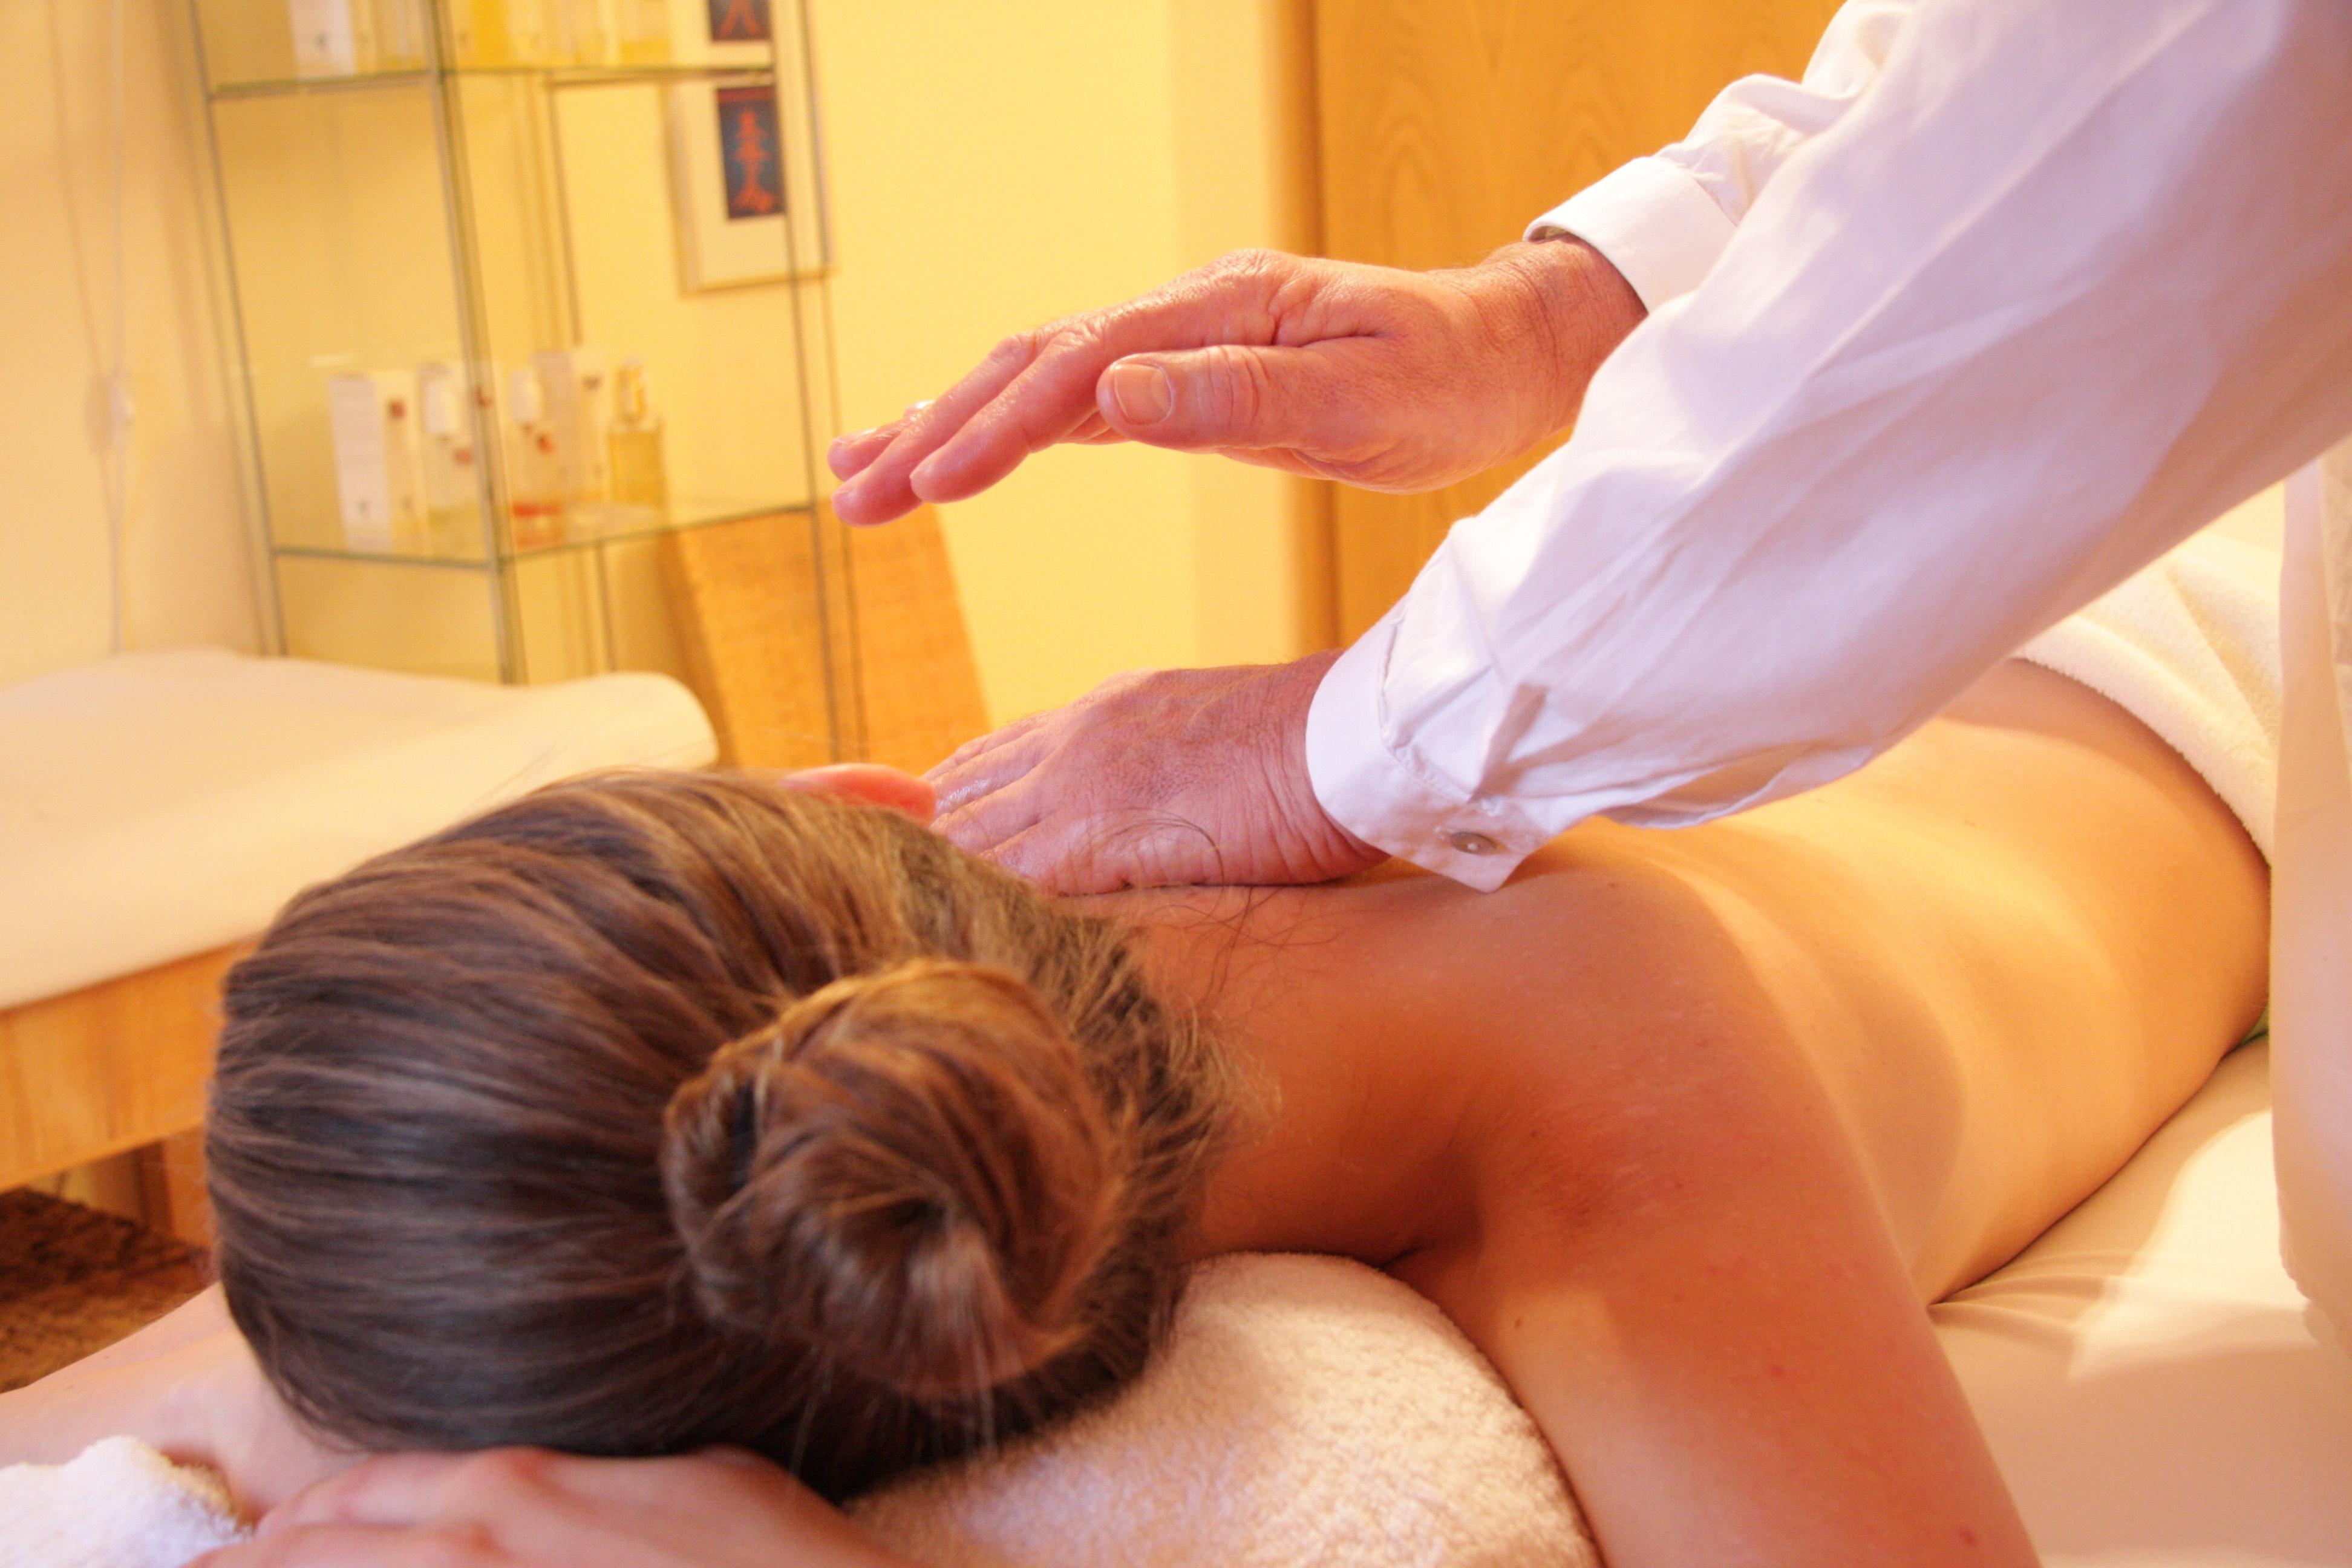 La légalité du massage naturiste